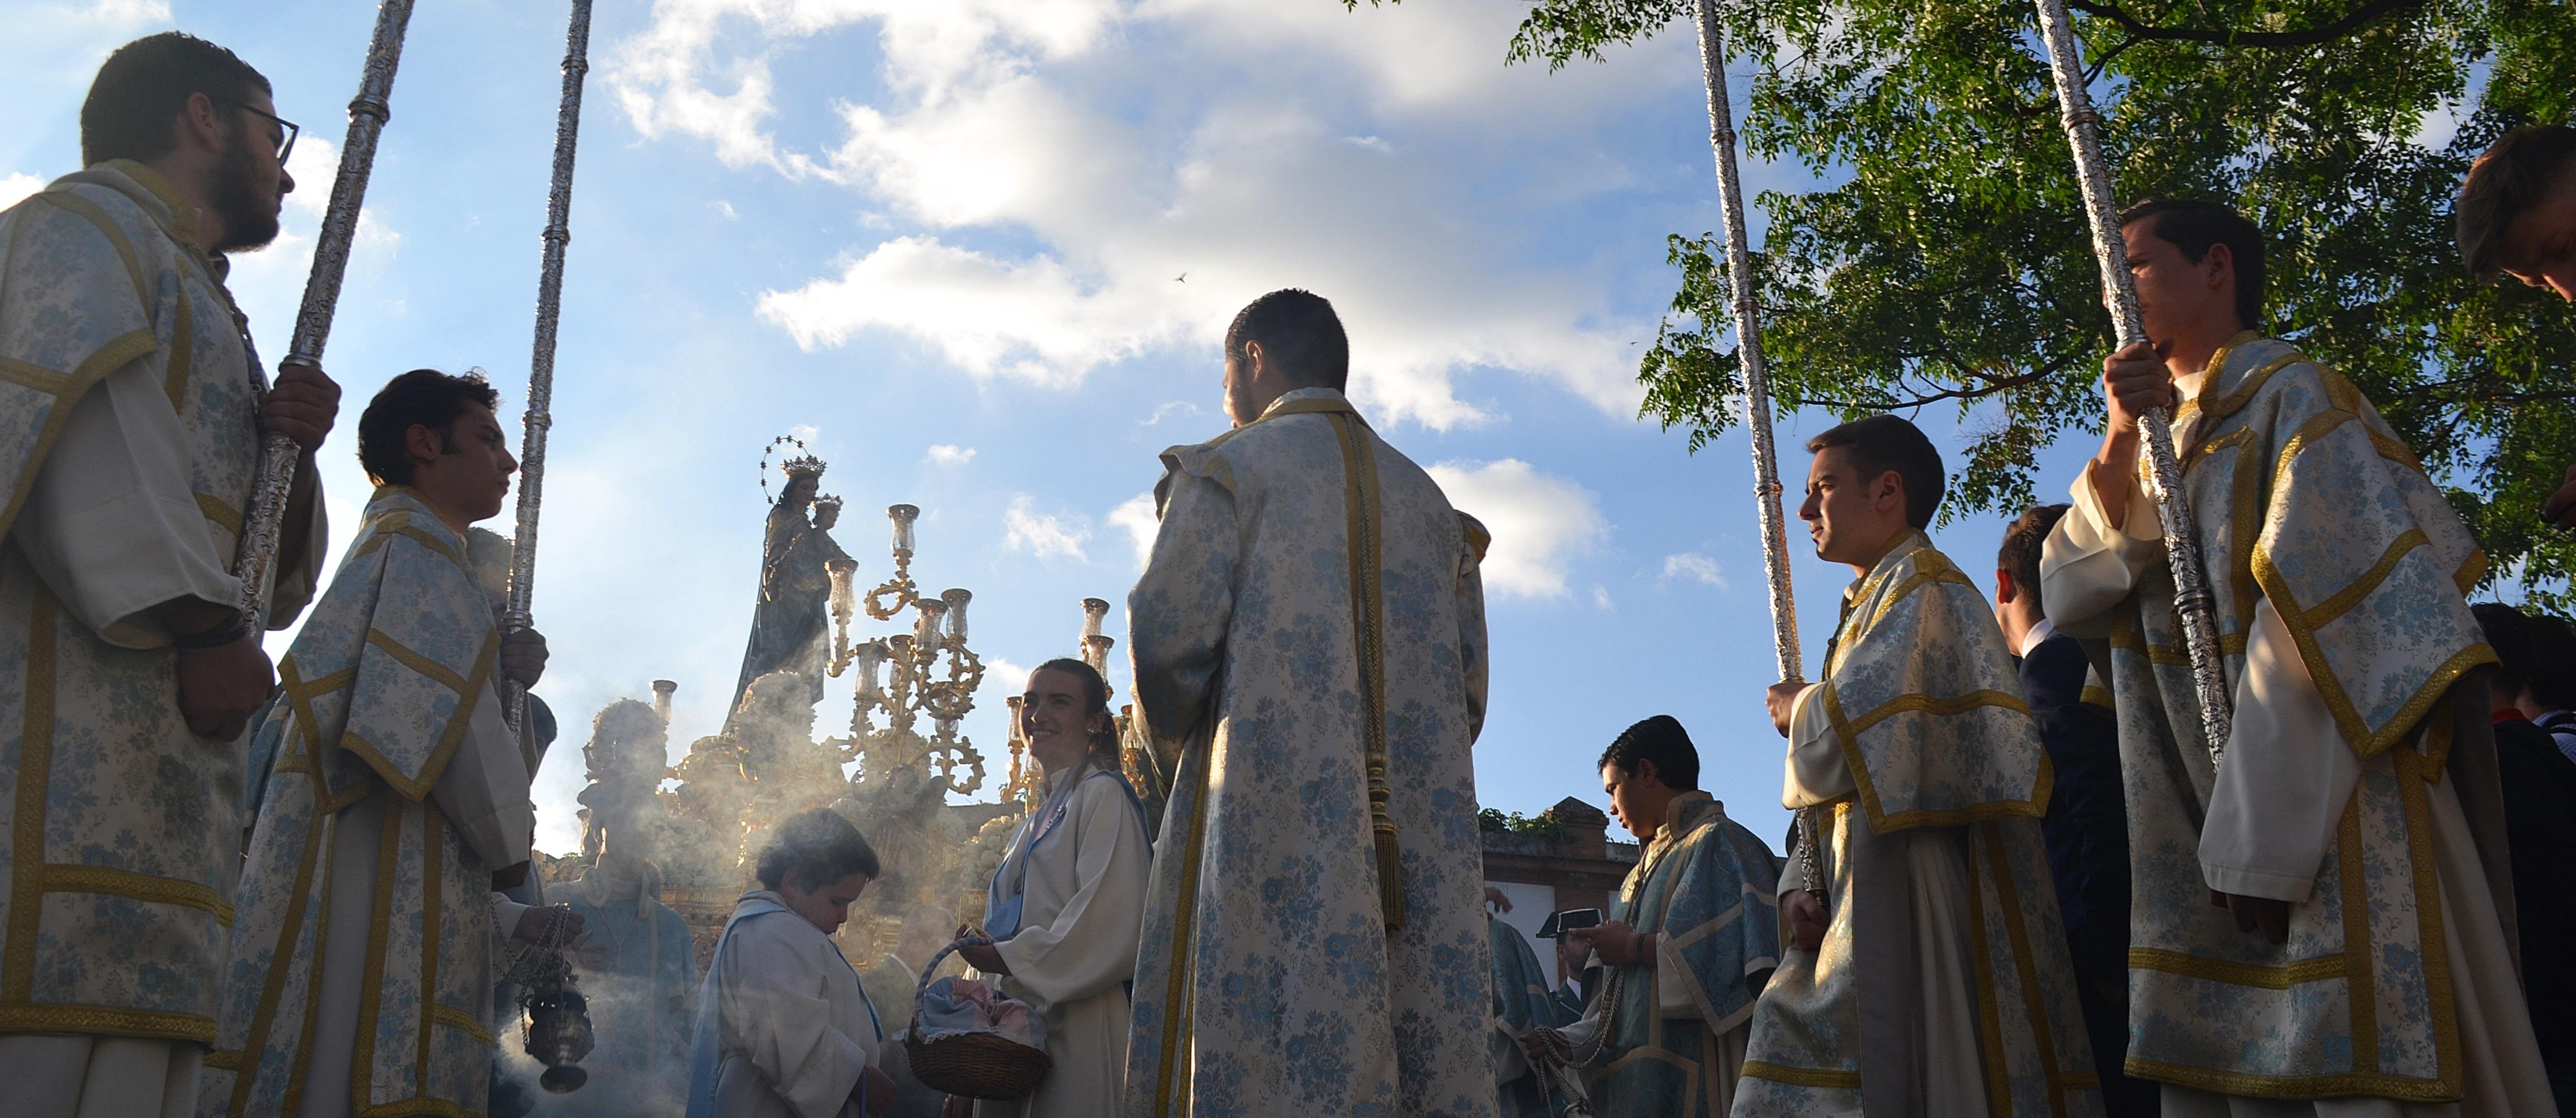 Propagad la devoción a María Auxiliadora y veréis lo que son milagros